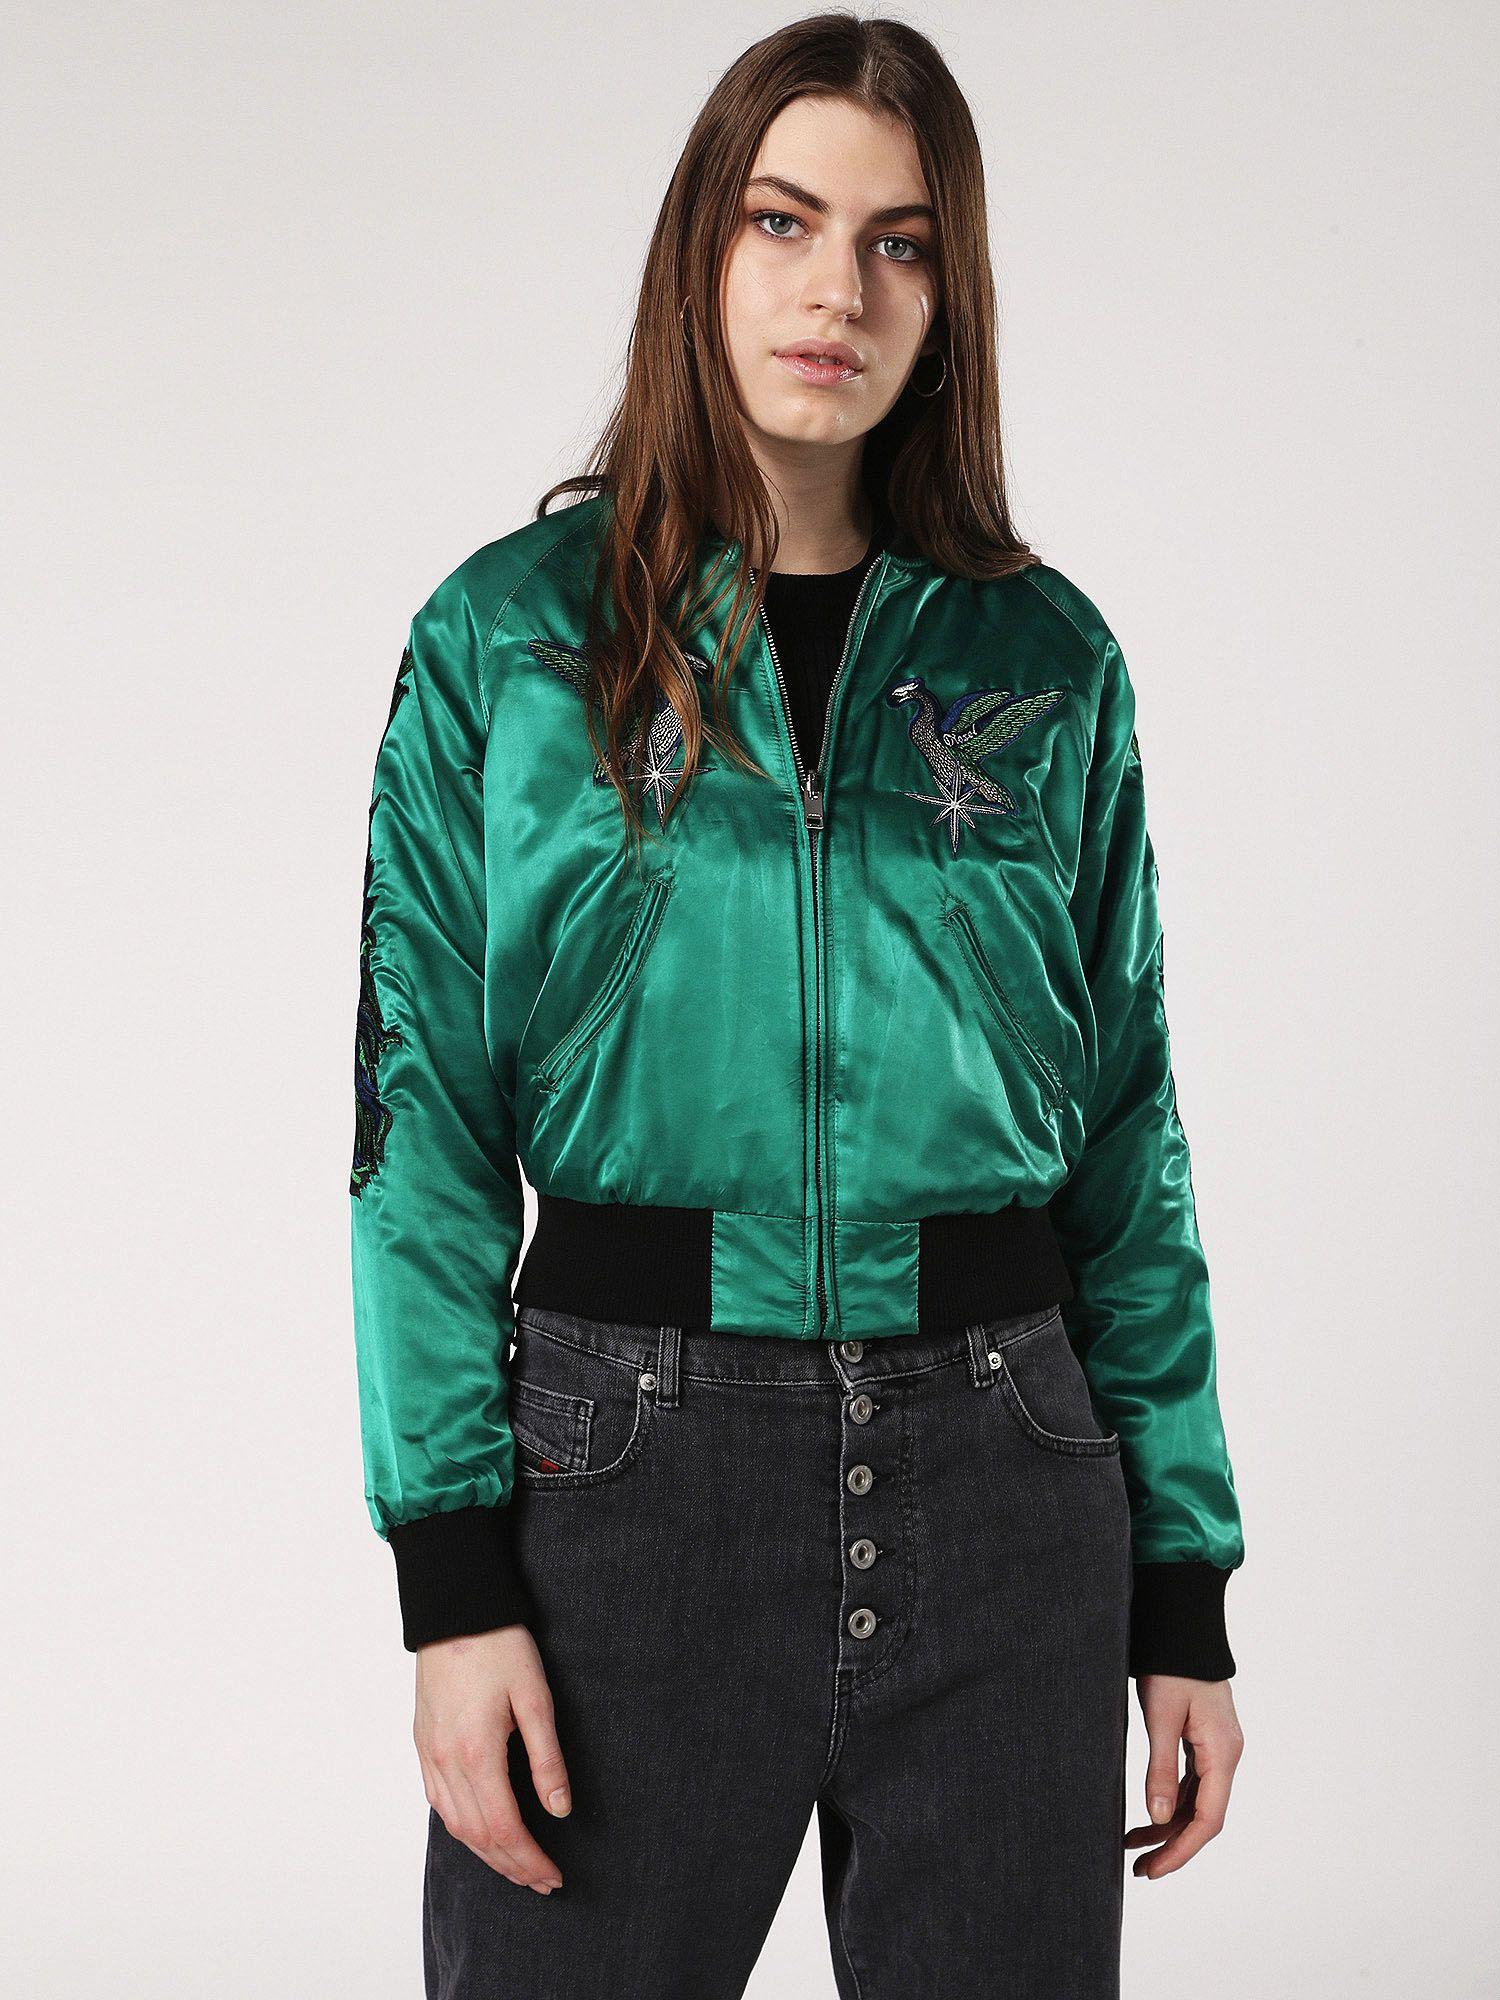 Diesel Jackets 0caqi Green Xxs Womensjackets Womensfashion Coatsjackets This Is An Affiliatelink Coats For Women Diesel Jacket Coats Jackets Women [ 2000 x 1500 Pixel ]